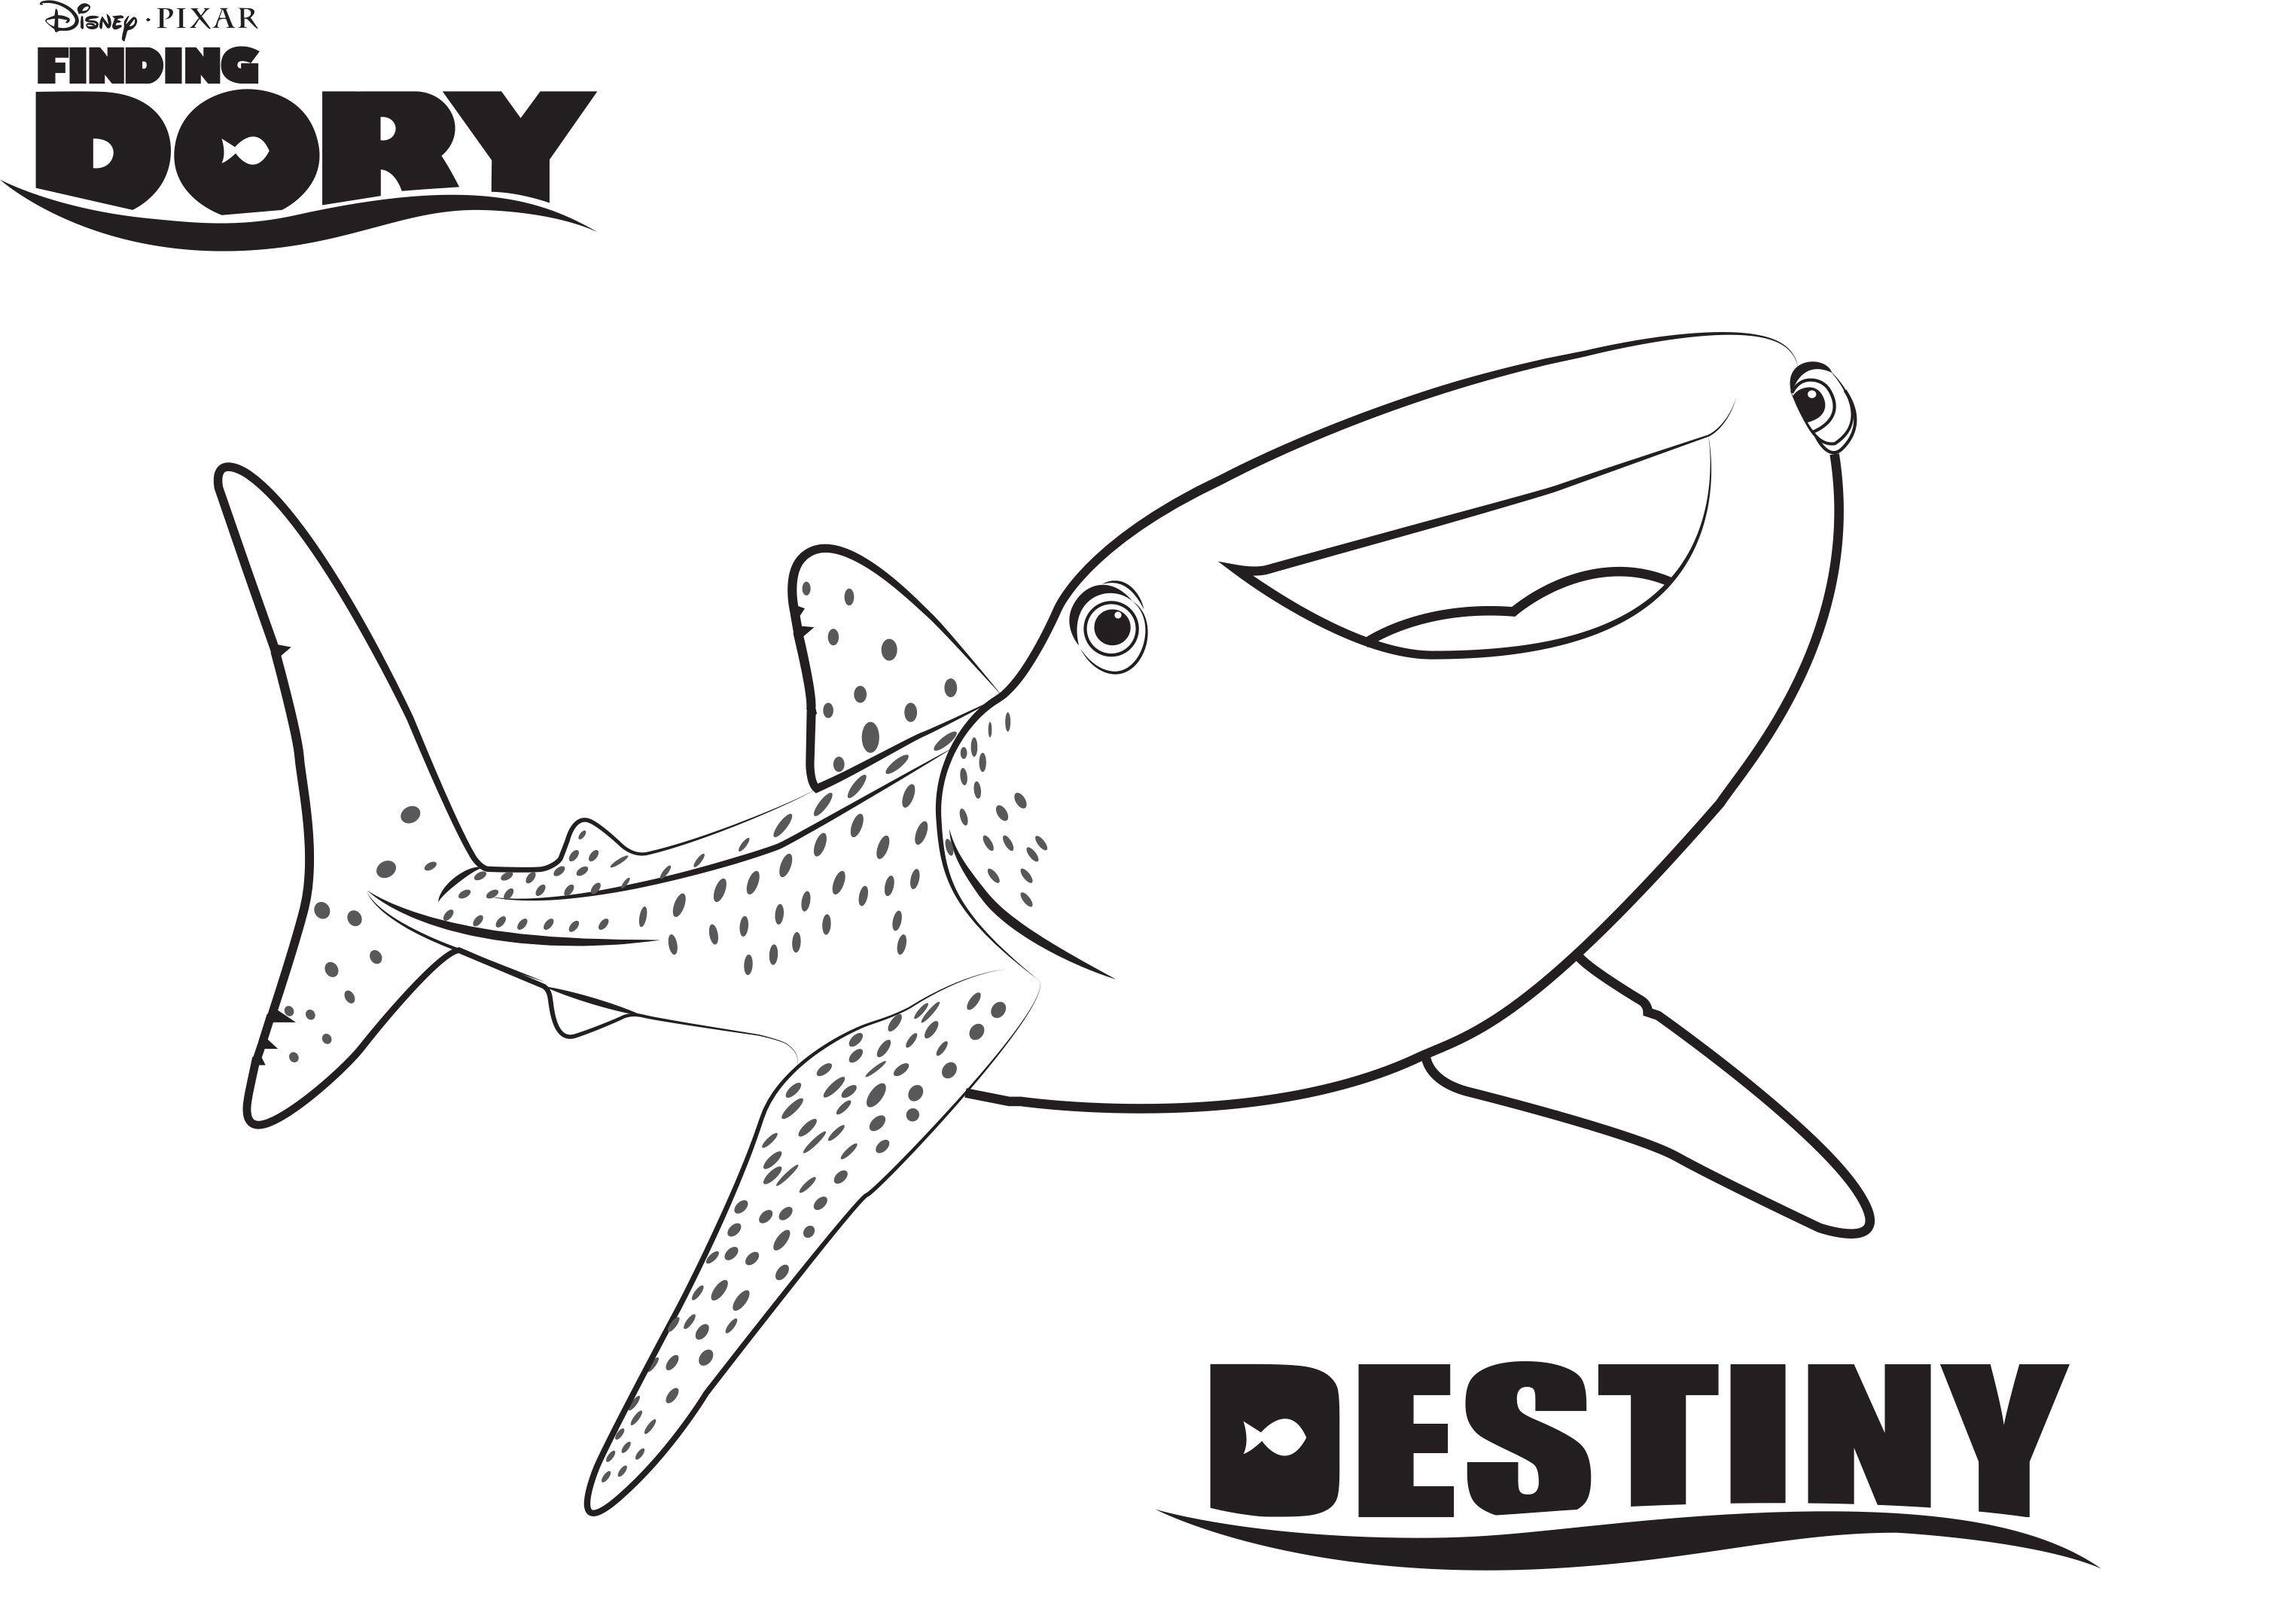 Disney Pixar Kleurplaten.Finding Dory Kleurplaten Destiny Class Decorations Finding Nemo